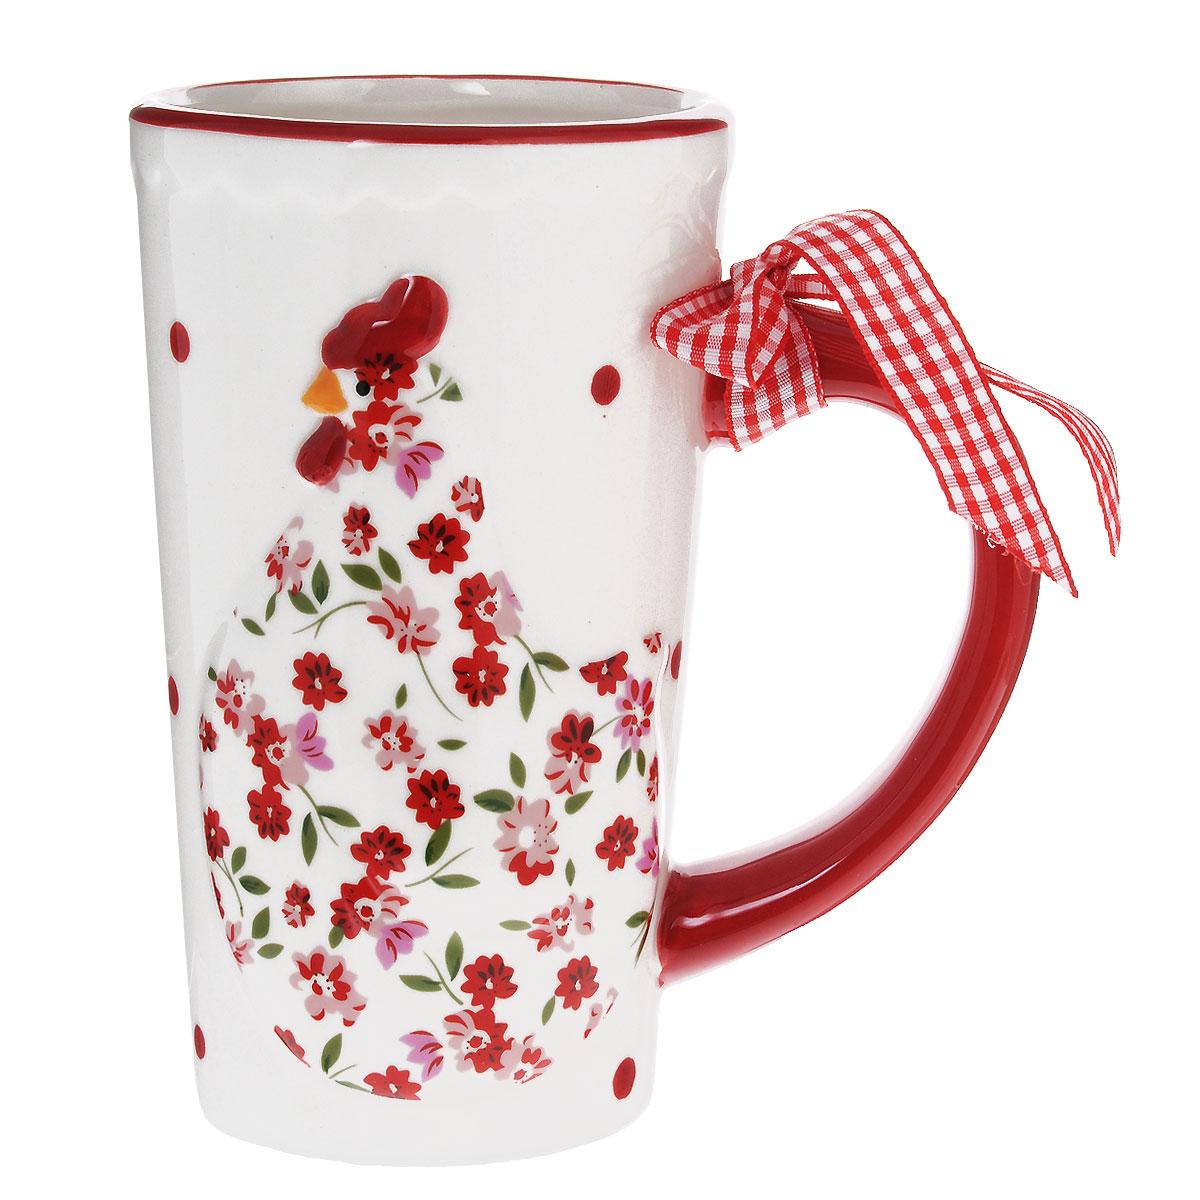 Кружка Lillo Курочка, 600 мл391602Кружка Lillo Курочка выполнена из высококачественной керамики и украшена рельефом в виде милой курочки и текстильным бантом на ручке.Такая кружка порадует вас дизайном и функциональностью, а пить чай или кофе из нее станет еще приятнее. Остерегайтесь сильных ударов. Не применять абразивные чистящие средства.Объем: 600 мл.Диаметр кружки по верхнему краю: 8,5 см.Высота кружки: 15 см.